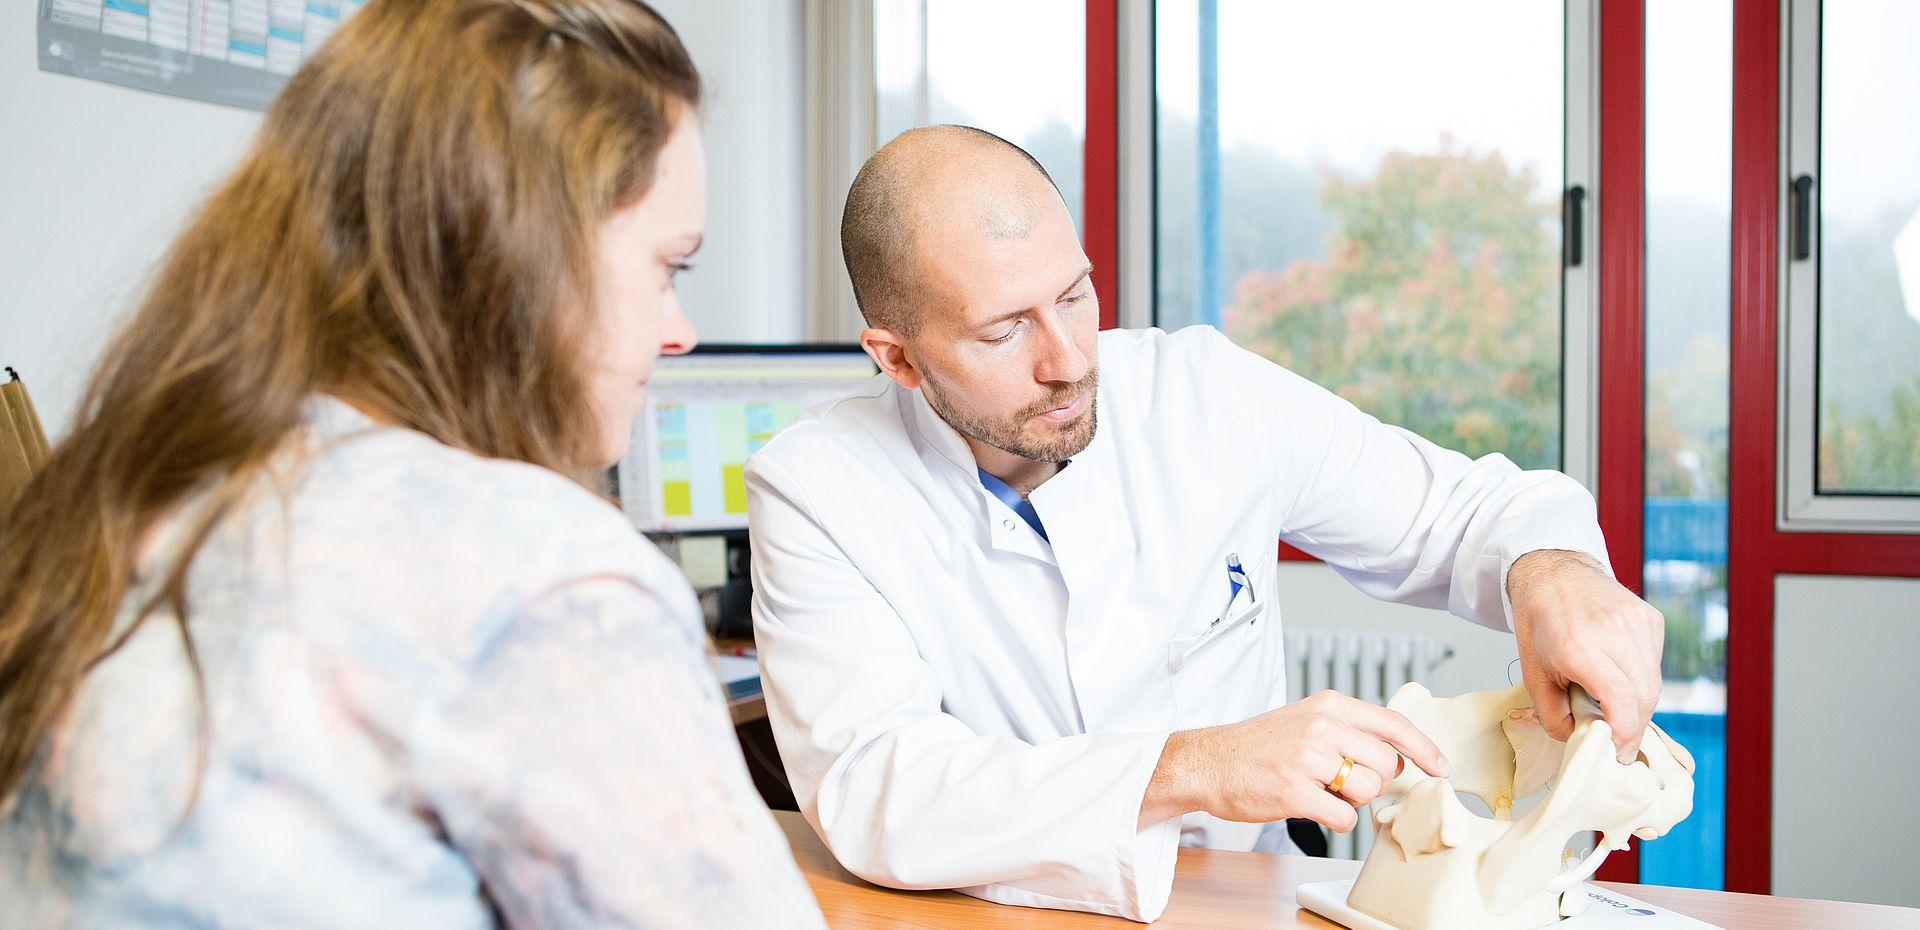 Gynäkologie im Ärztlichen Praxiszentrum Am Bruderwald ...